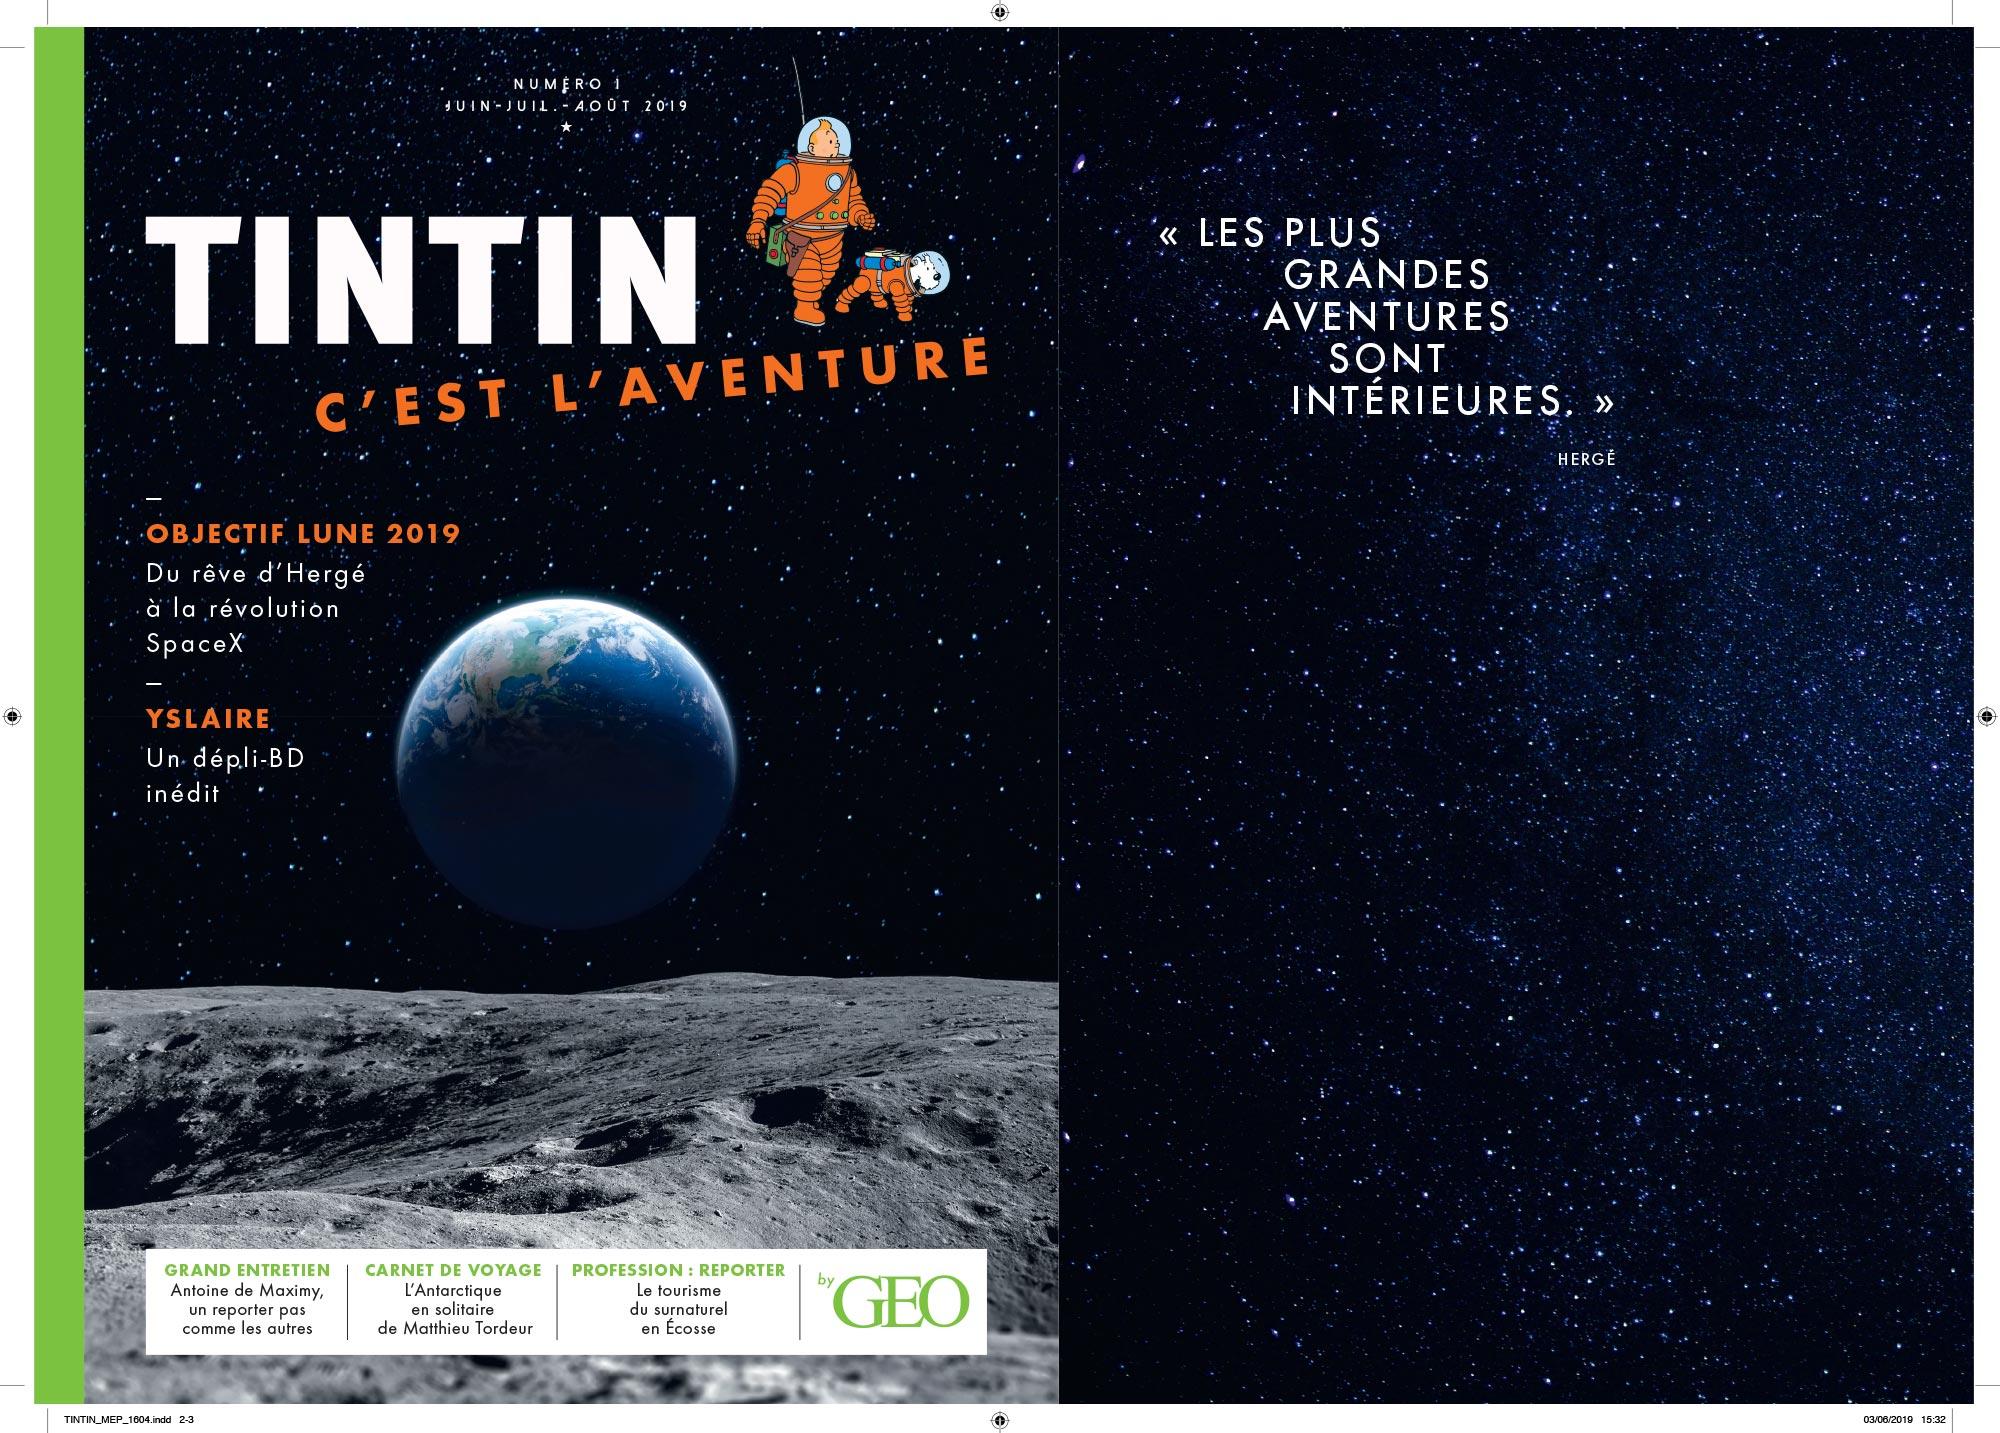 Tintin c'est l'aventure - Géo - Couverture